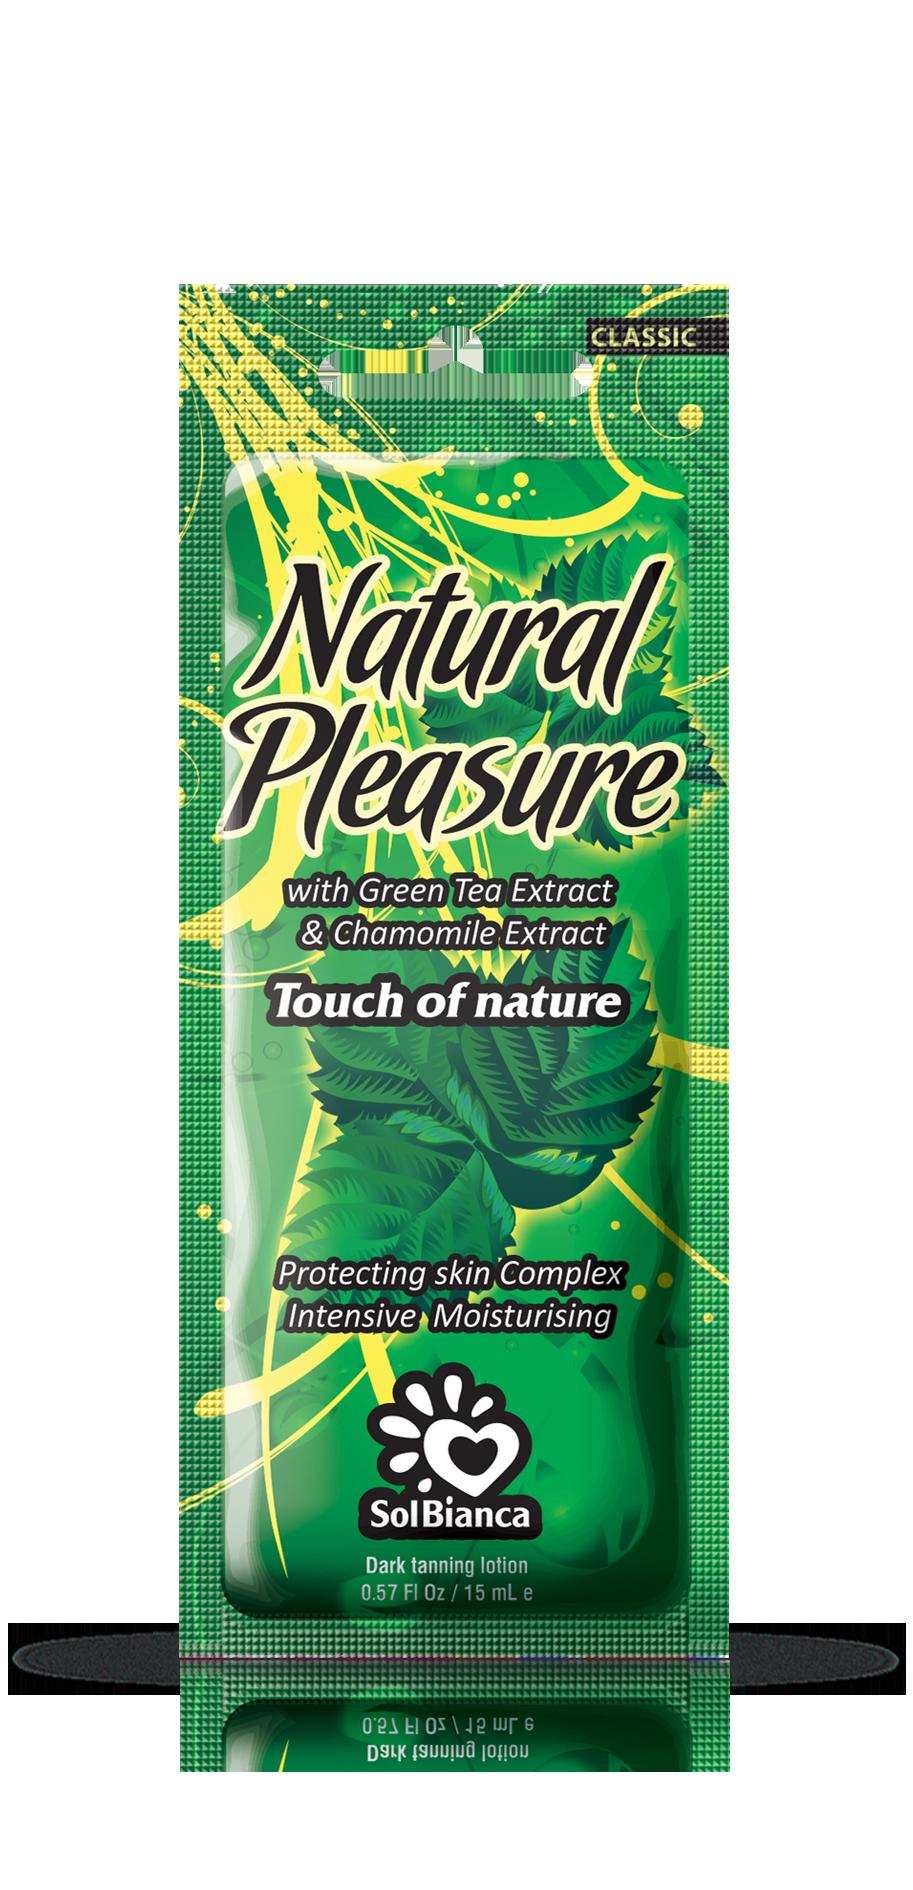 SOLBIANCA Крем для загара в солярии  Natural Pleasure  с экстрактом зеленого чая / CLASSIC COLLECTION 15 млКремы<br>Легкий крем на основе экстрактов зеленого чая и аптечной ромашки создан для интенсивного ухода. Обладает активным фитокомплексом который, активно питает, защищает и увлажняет кожу. Натуральное наслаждение для Вашей кожи! Активные ингредиенты: экстракт зеленого чая и аптечной ромашки. Состав: (INCI) Aqua, Palm Hydrogenated Oil, Isopropyl Palmitate, Caprylic Capric Triglyceride, Cetearyl Alcohol, Dihydroxyacetone, Isohexadecane, Glycerin, Dimethicone, Propylene Glycol, Aloe Barbadensis Extract, Panthenol, Persea Gratissima Oil, Mannan, Camellia Sinensis Leaf Extract, PEG   75 Lanolin, Acrylates / Palmeth   25 Acrylate Copolymer, Parfume, Glyceryl Stearate, Ceteareth   20, Ceteareth   12, Cetyl Palmitate, PEG   100 Stearate, Stearyl Alcohol, Ceteareth   6, Wheat Germ Oil PEG   8 Esters, Phenoxyethanol, Methylparaben (and) Ethylparaben (and) Propylparaben, DMDM Hydantoin, Chamomilla Recutita Extract, Potassium Hydroxide, Citral, Citronellol, Butylphenyl Methylpropional, Linalool, Limonene. Способ применения: аккуратными массажными движениями равномерно распределить содержимое по сухой чистой коже. Аккуратно втереть.<br>